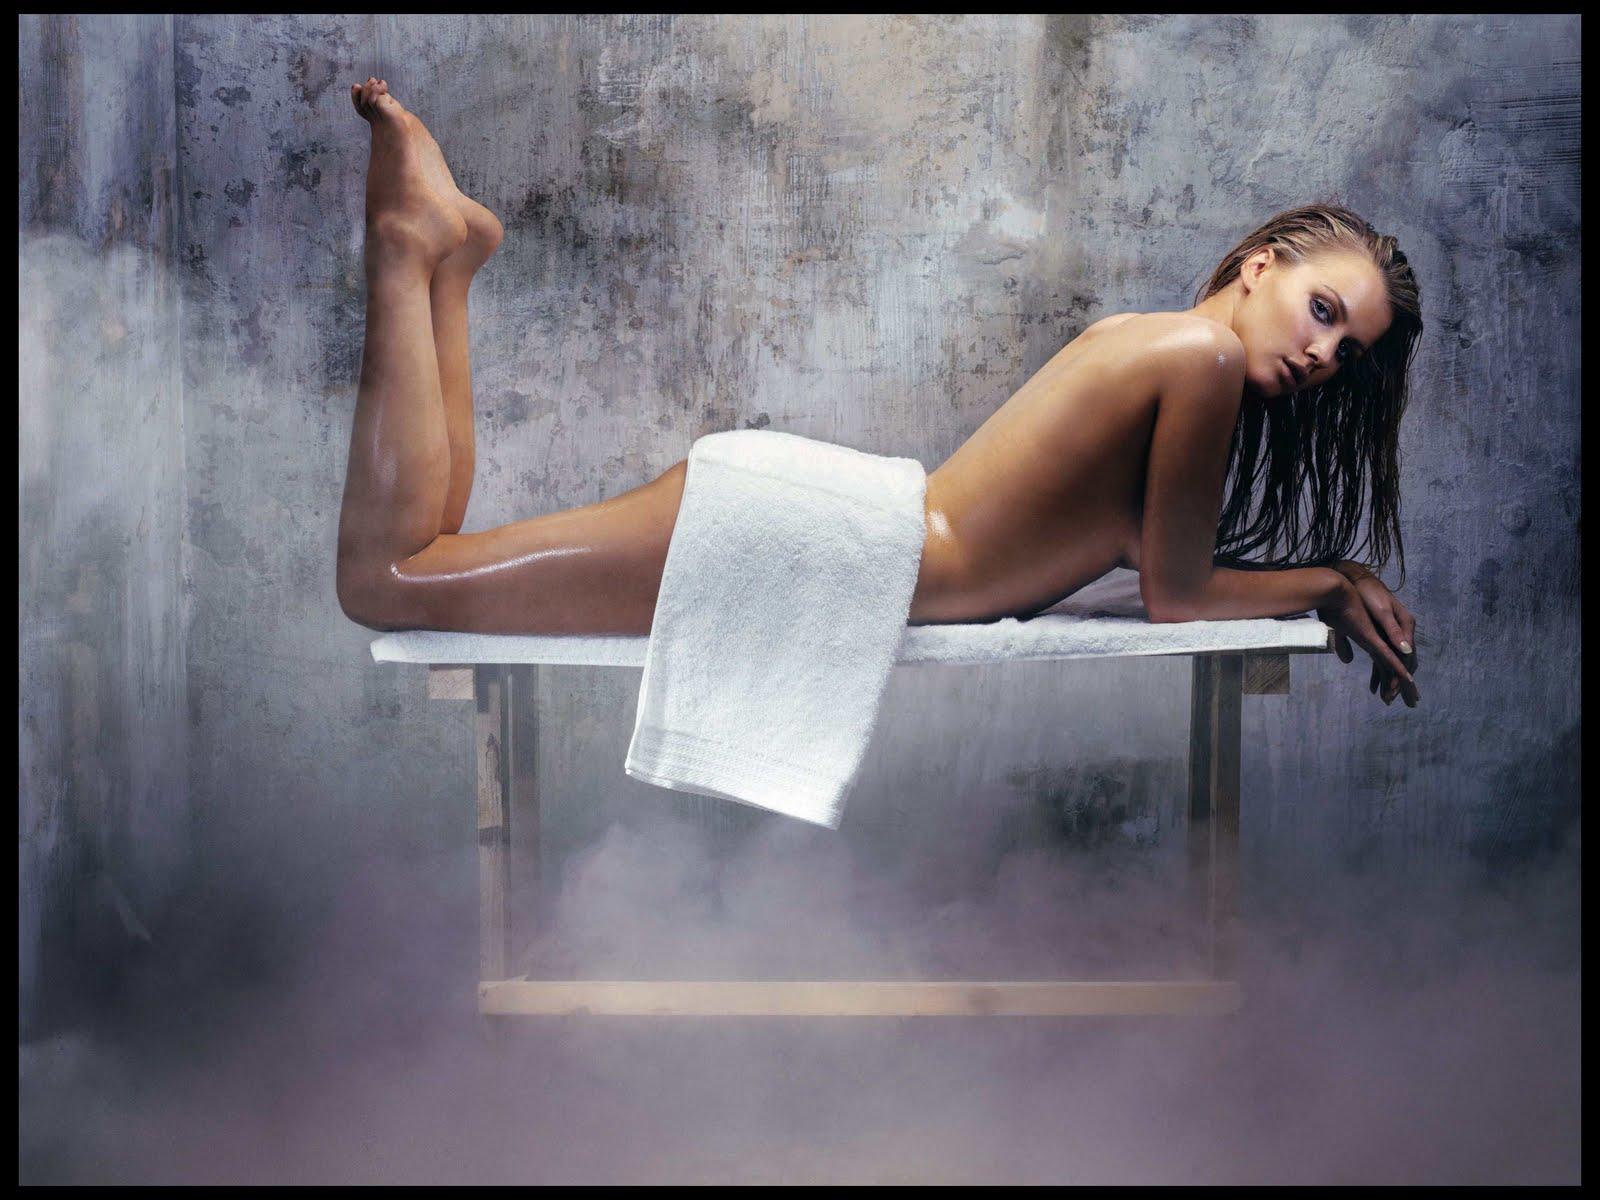 http://2.bp.blogspot.com/-8RV4bOPSpPY/TbcEjOw9wYI/AAAAAAAAAkE/6QVm6BkwNg4/s1600/tiffany_mulheron_nude_wallpaper.jpg